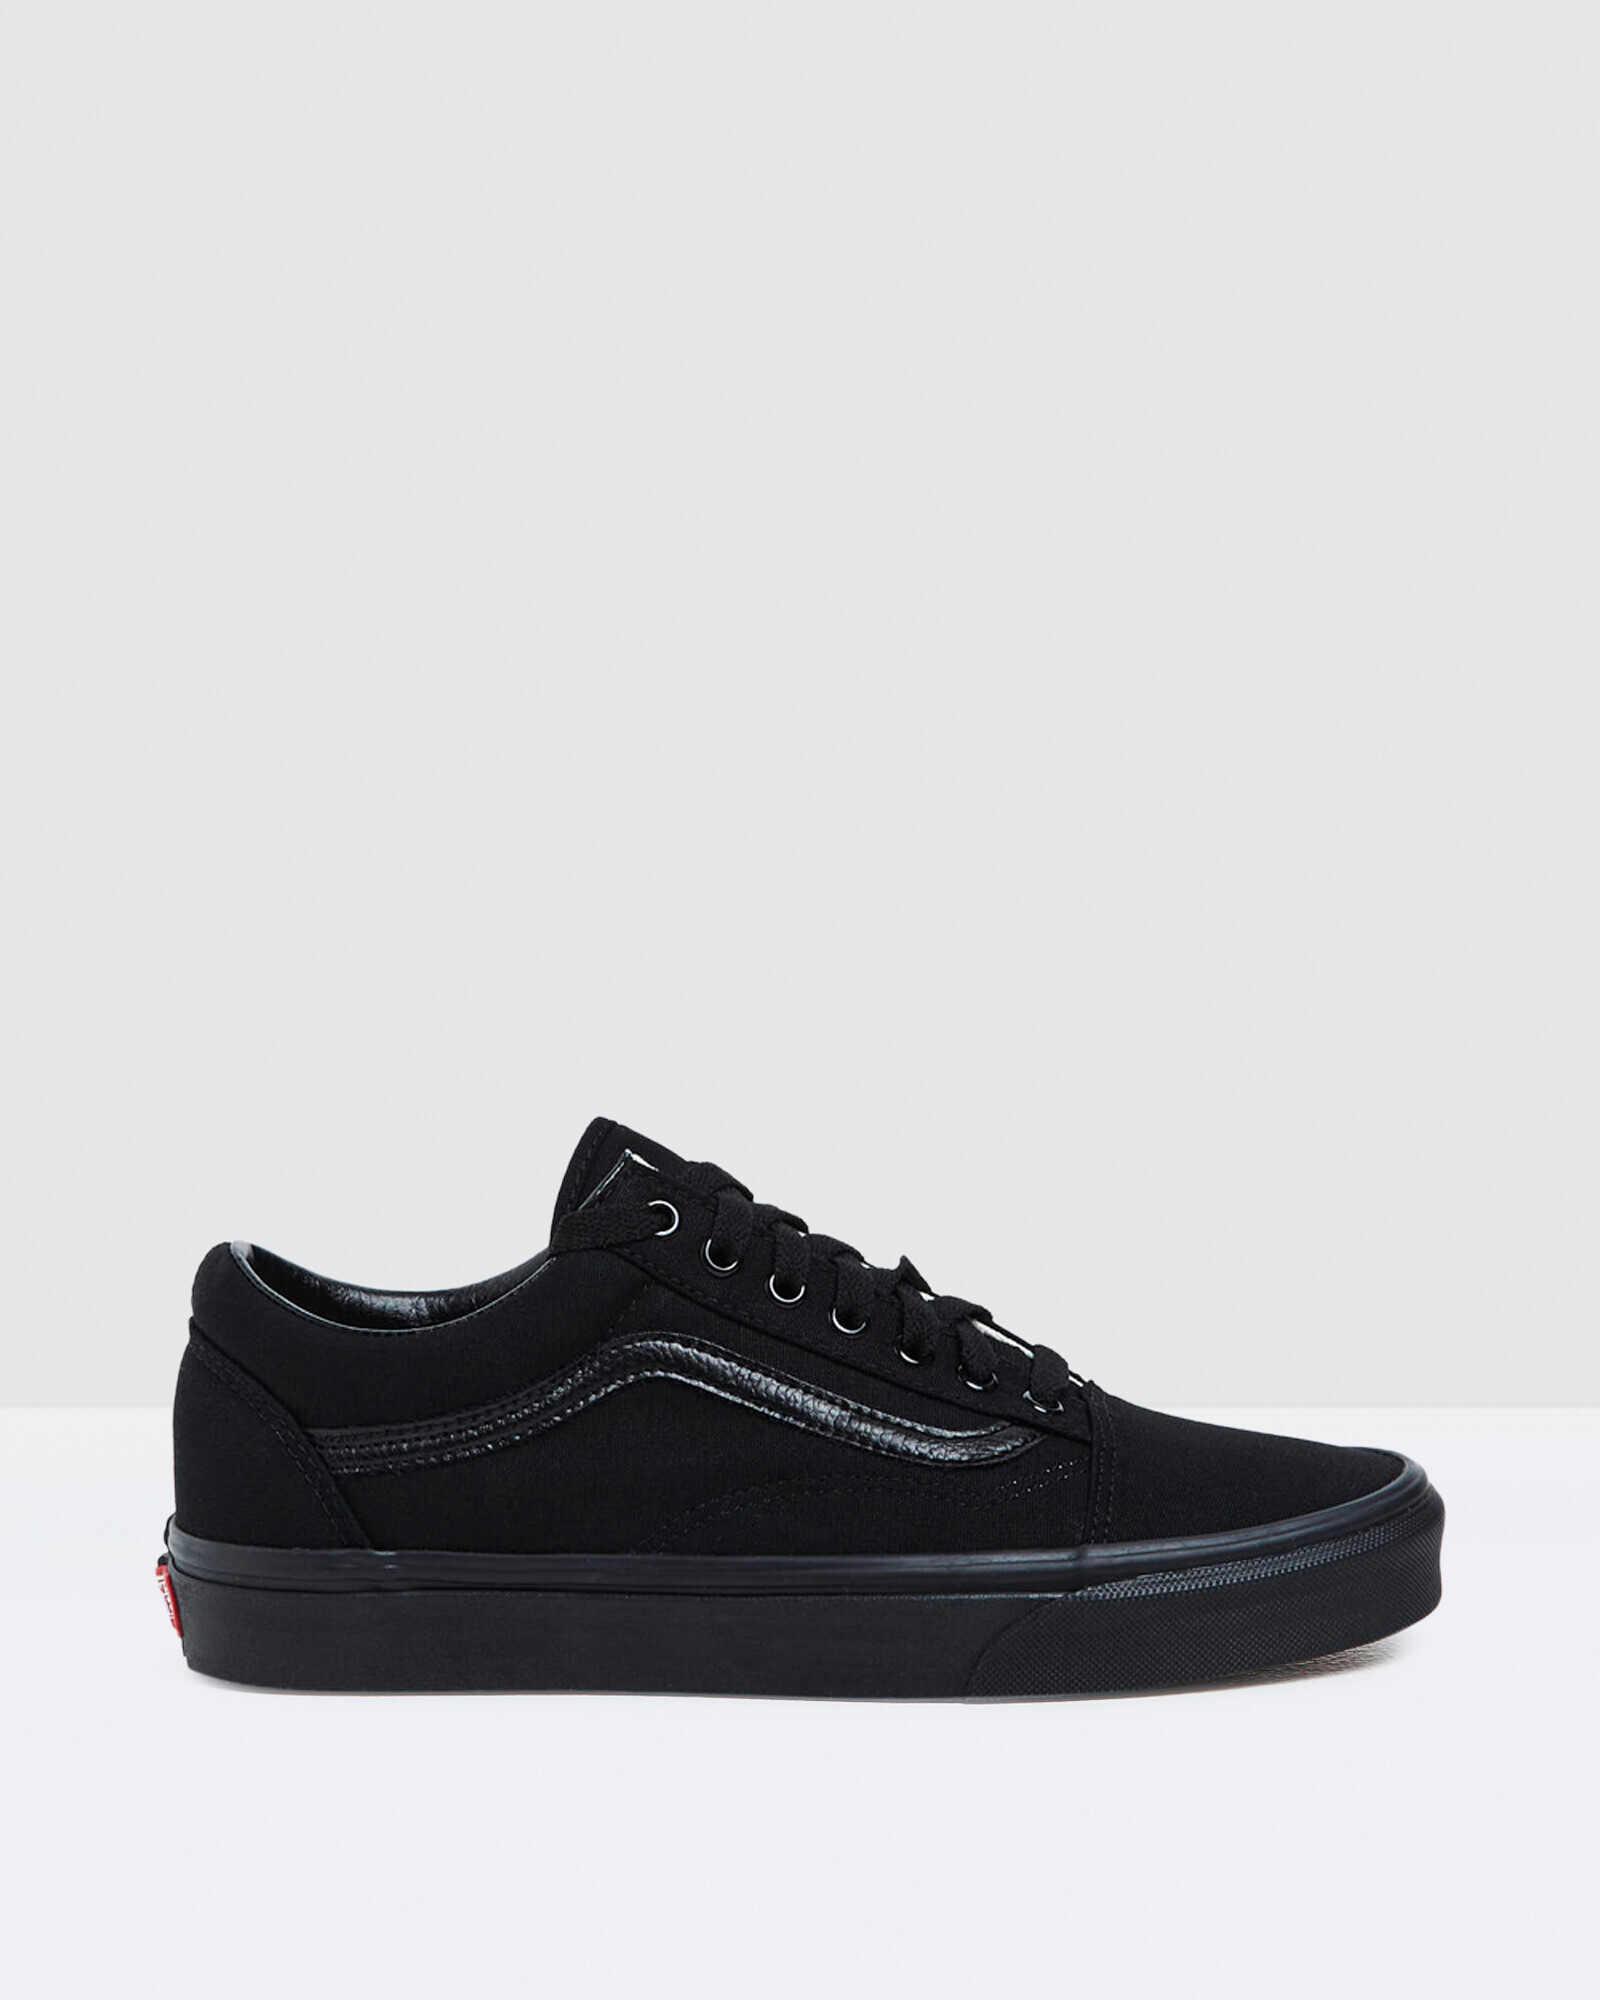 Old Skool Sneakers Black